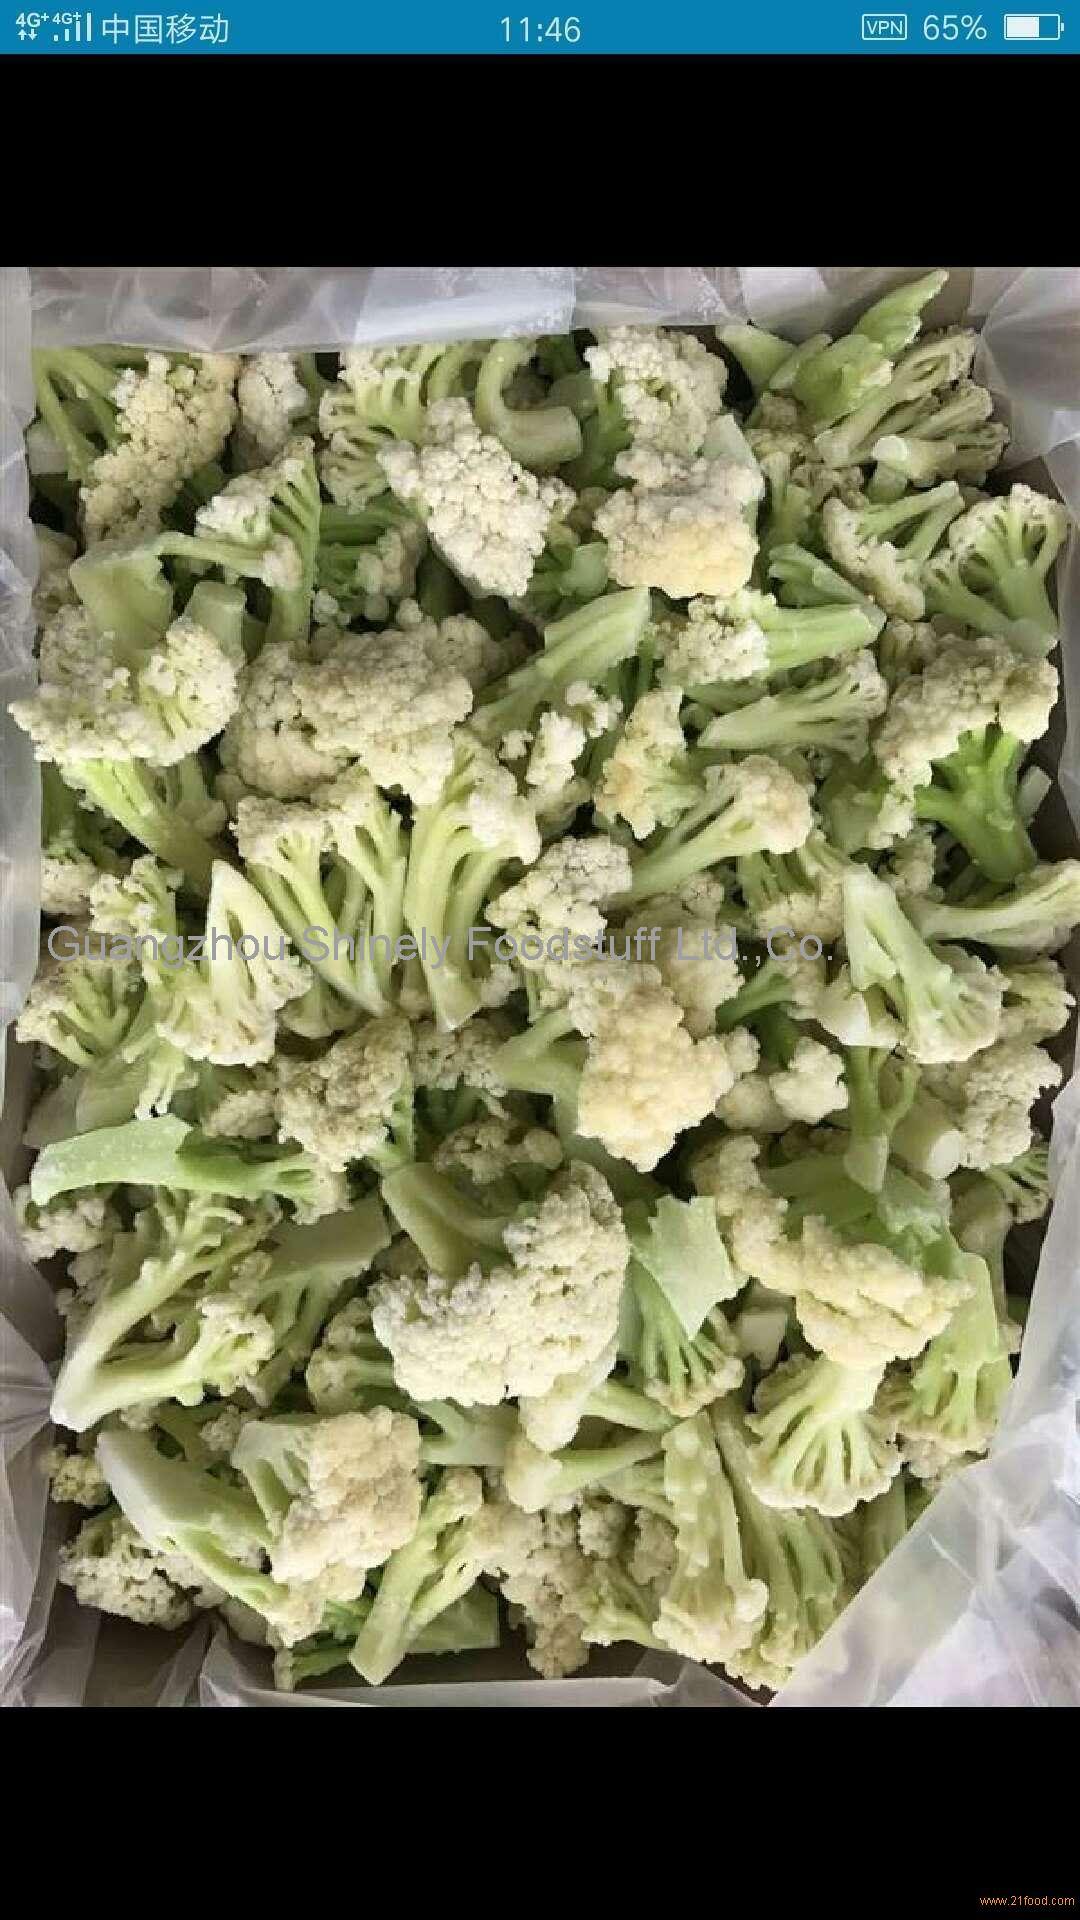 IQF frozen green stem cauliflower florets